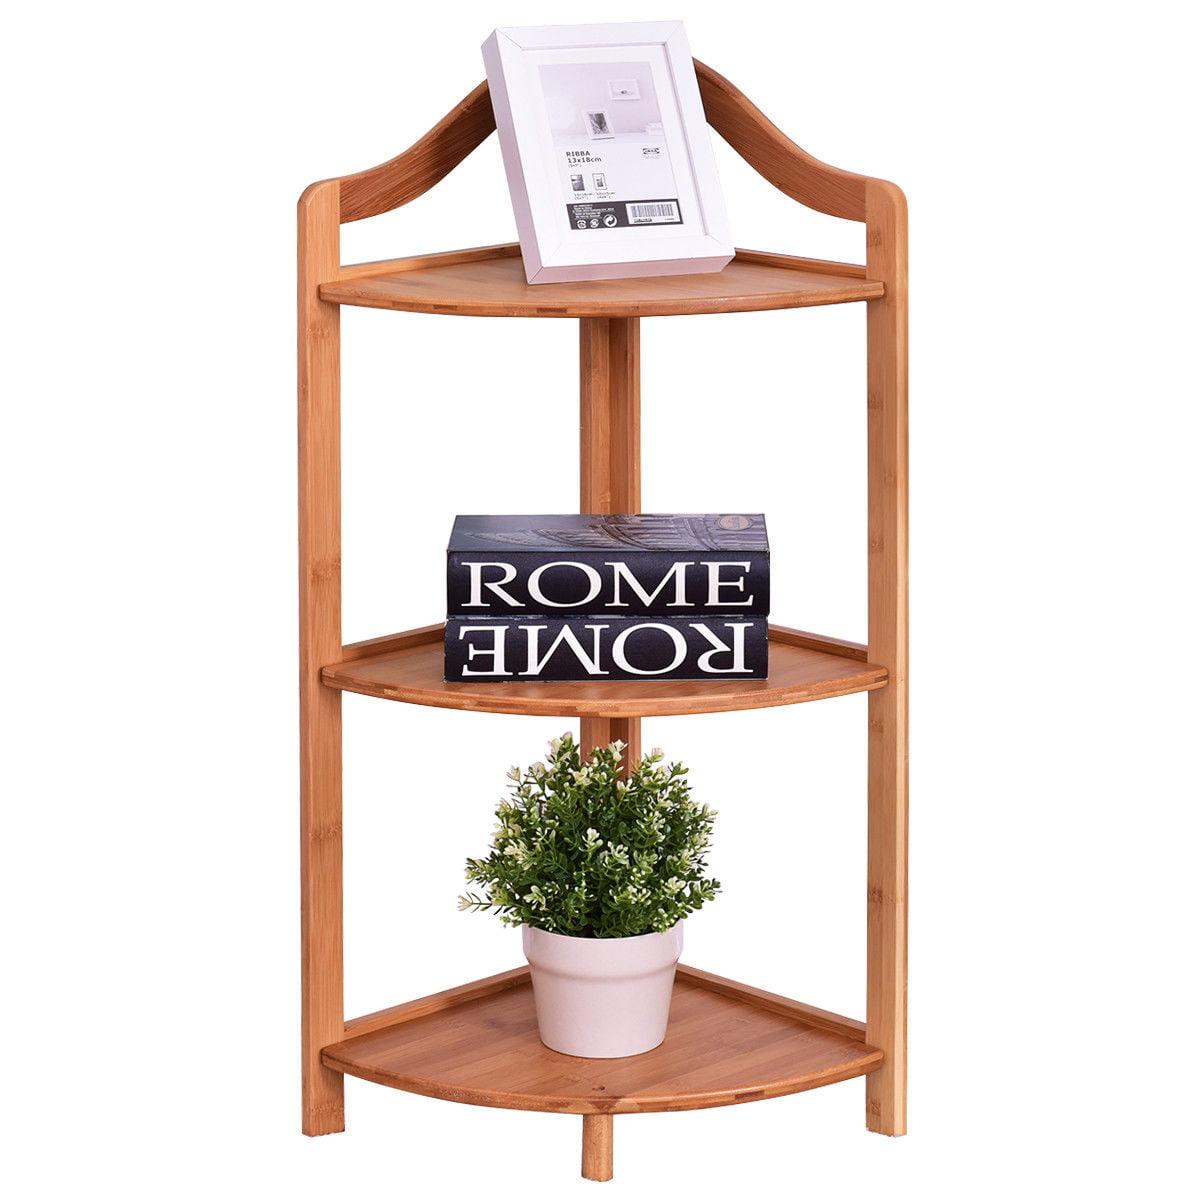 3 Tier Bamboo Free Standing Corner Rack Tower Organizer Shelving Shelf Storage